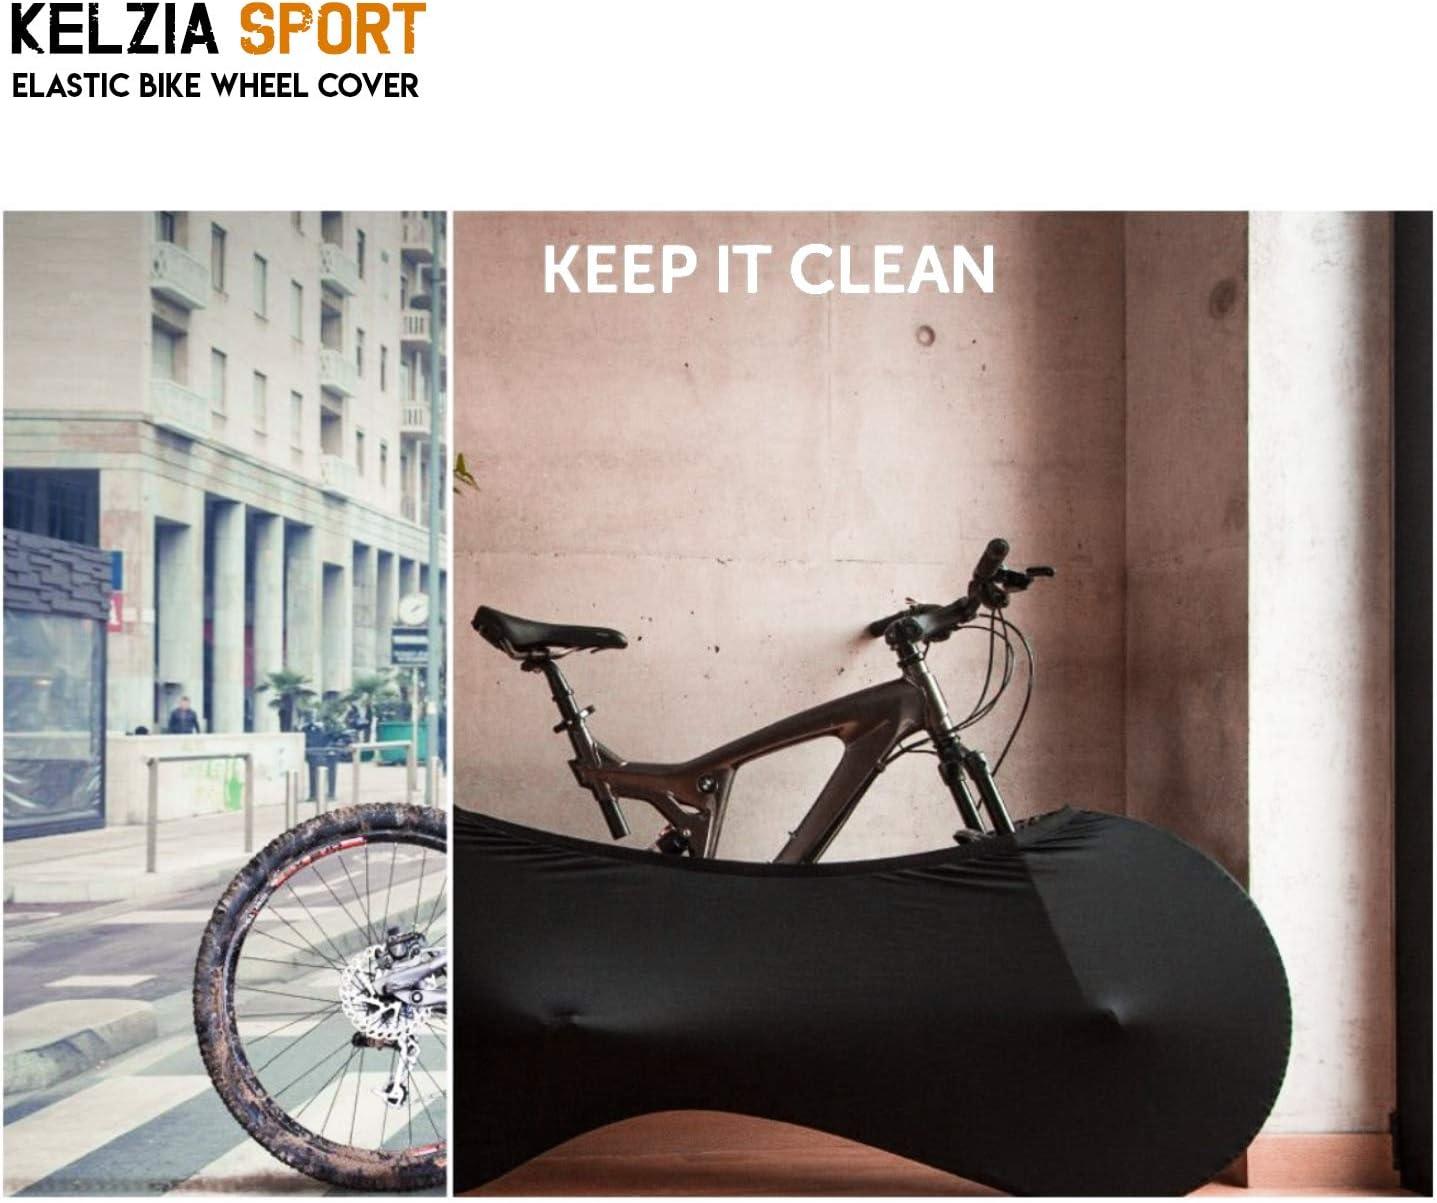 Kelsport Funda El/ástica Universal de Bicicletas para Almacenamiento en Interiores